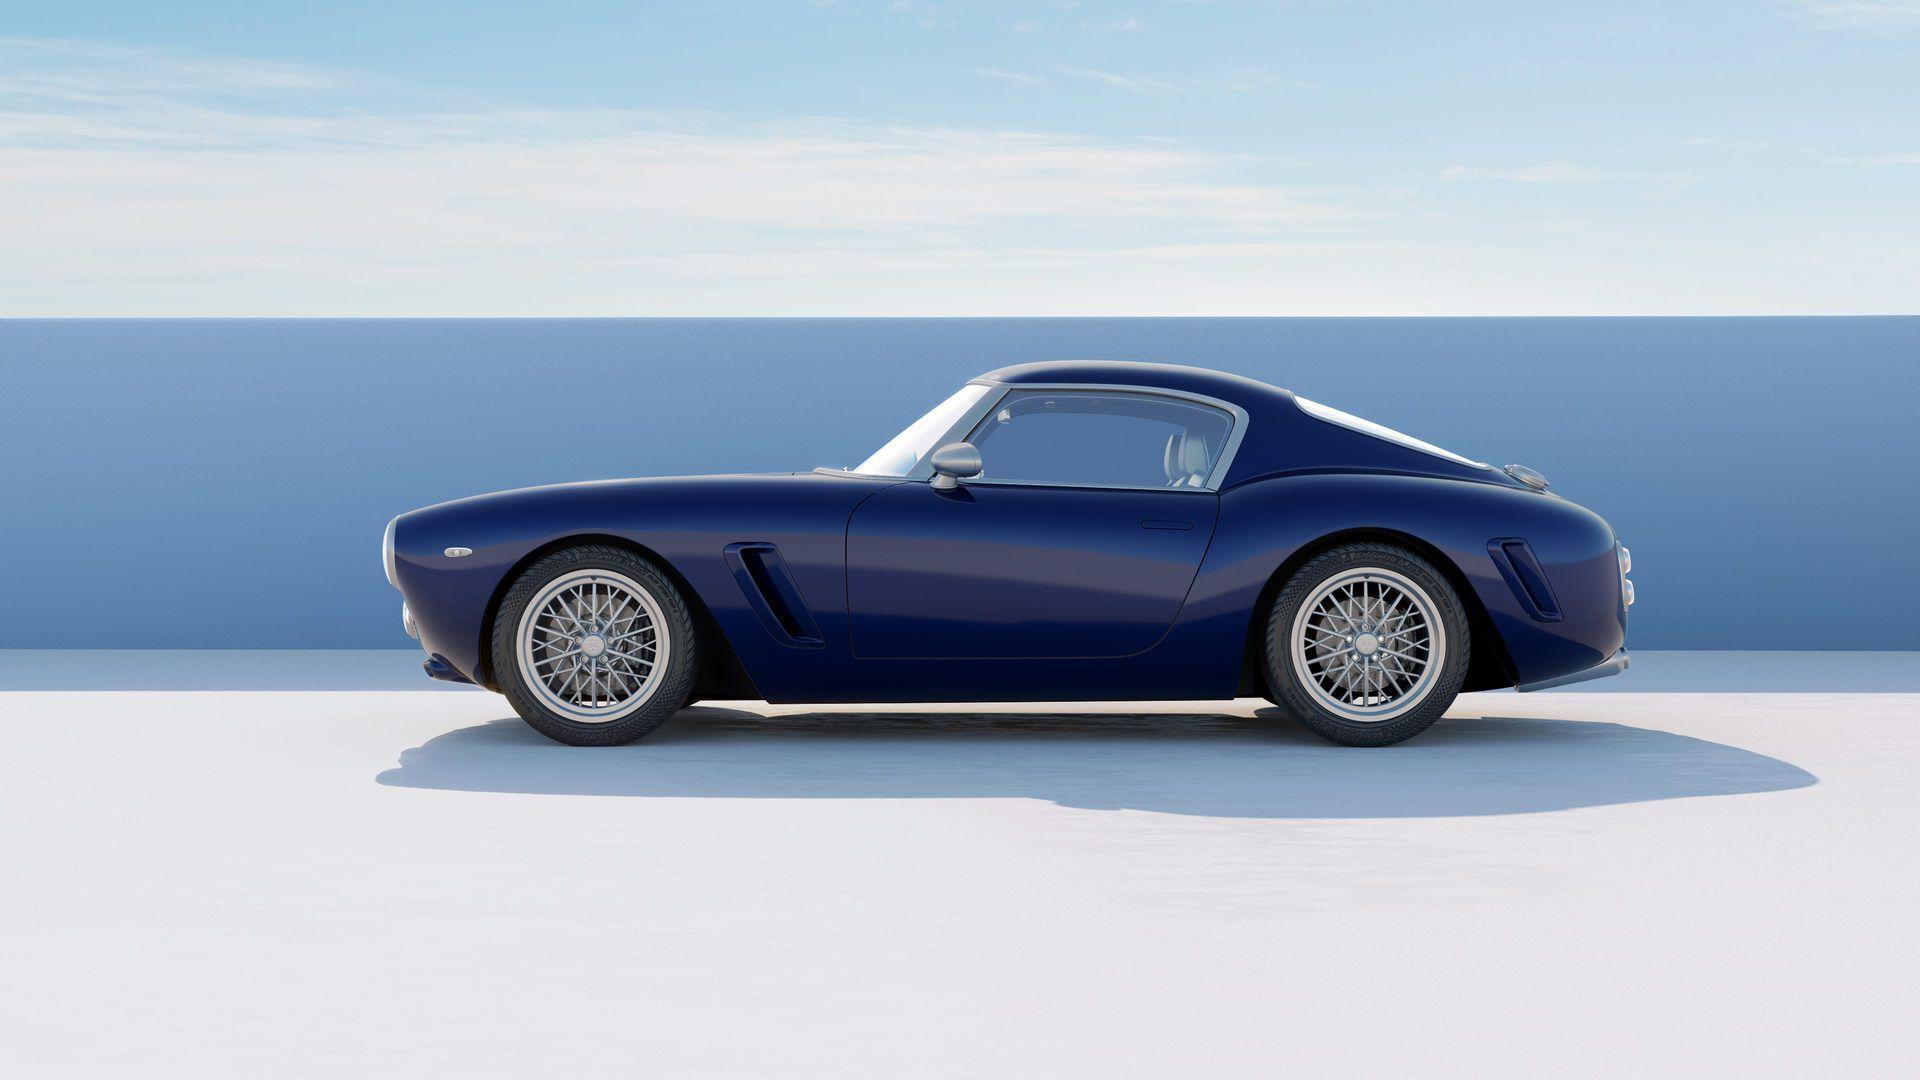 В основі новинки лежить шасі від сучасної моделі Ferrari 550 Maranello.